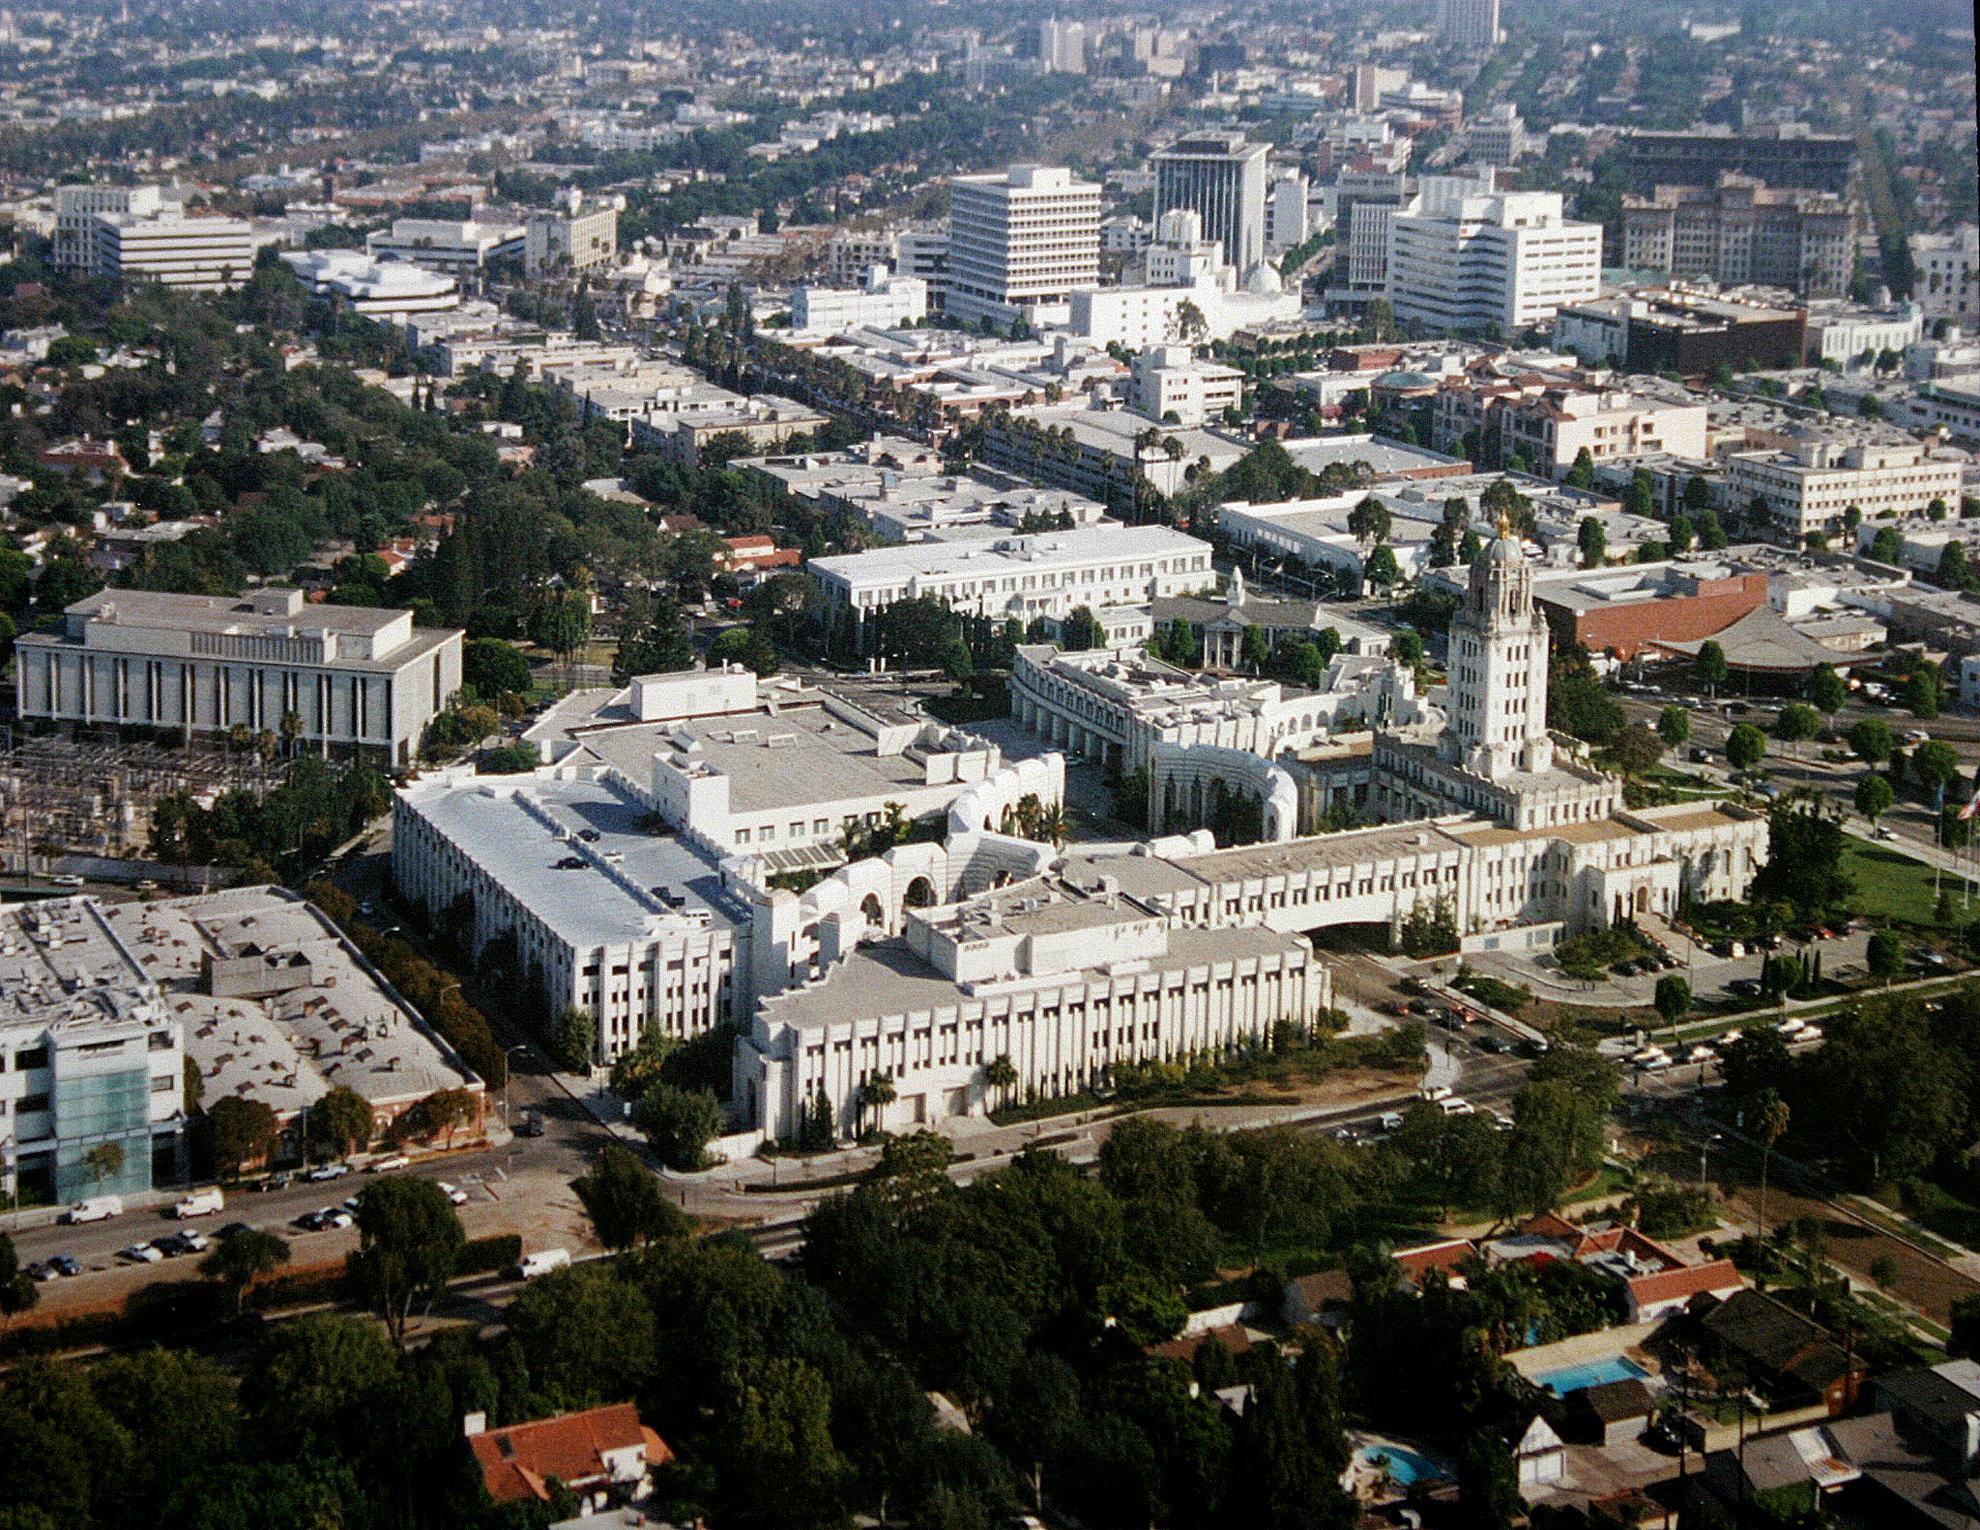 BeverlyHillCityAerial.jpg